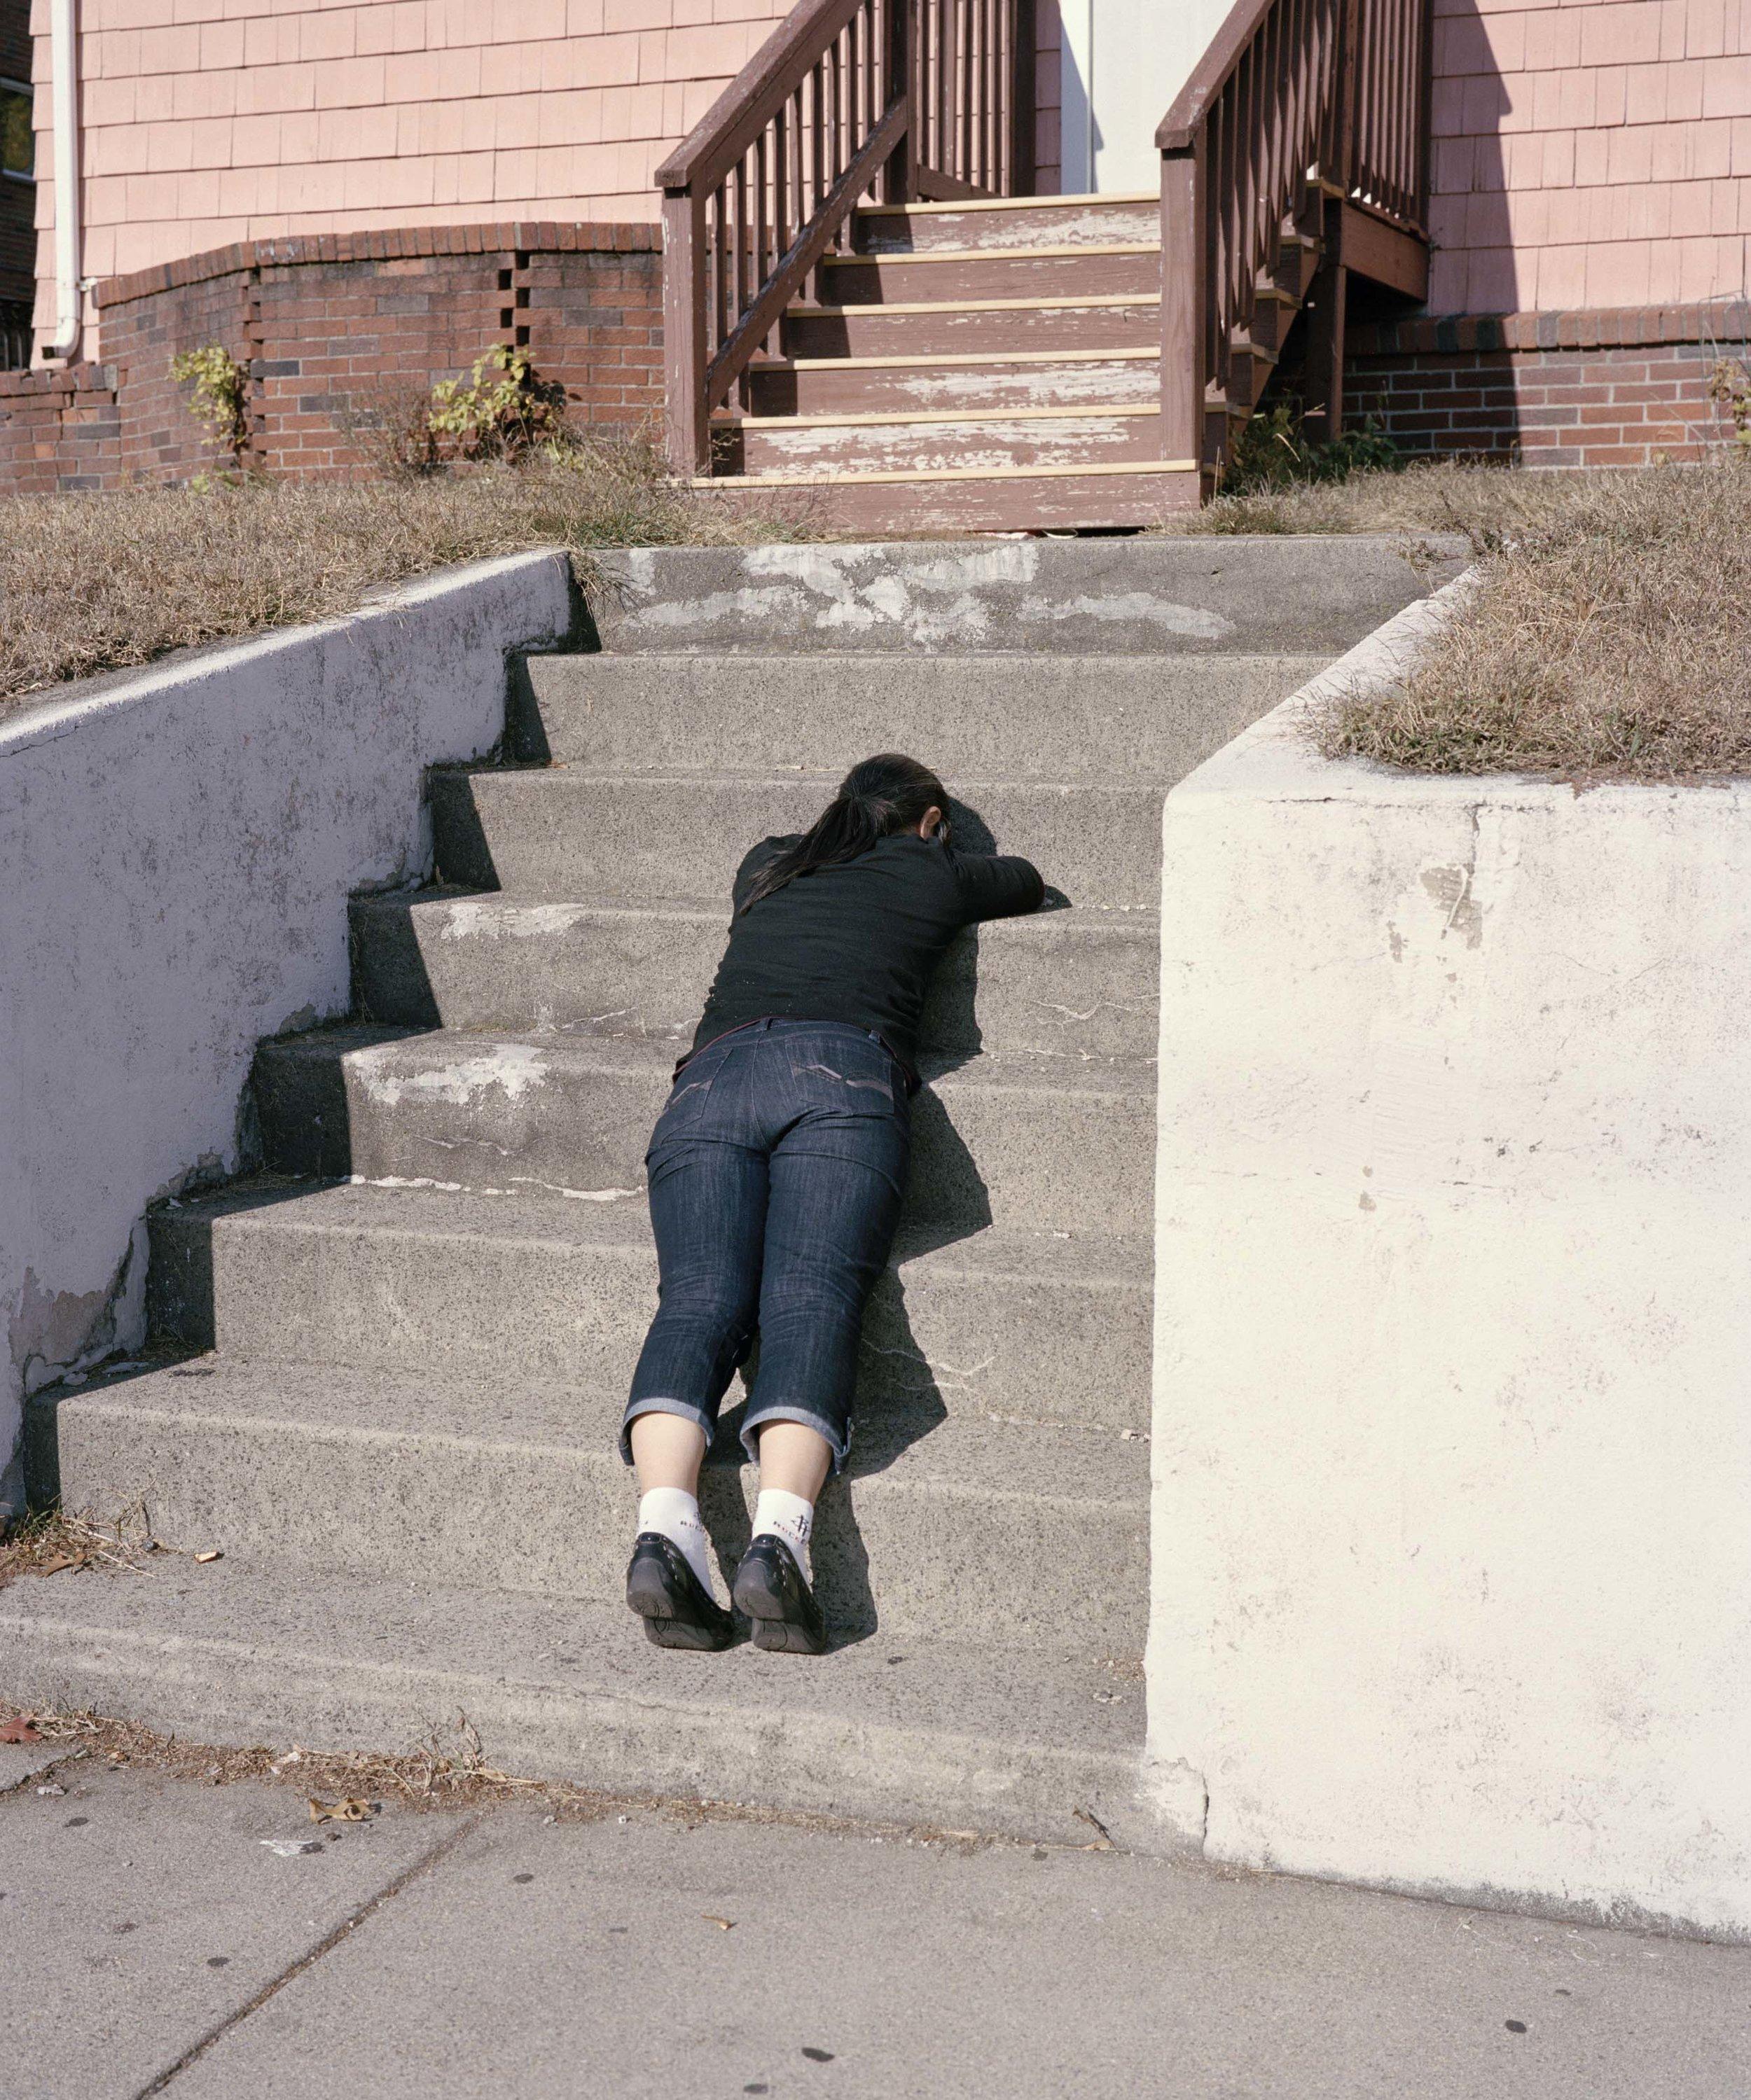 Woman Laying on Stairs, near Boston, MA, 2013